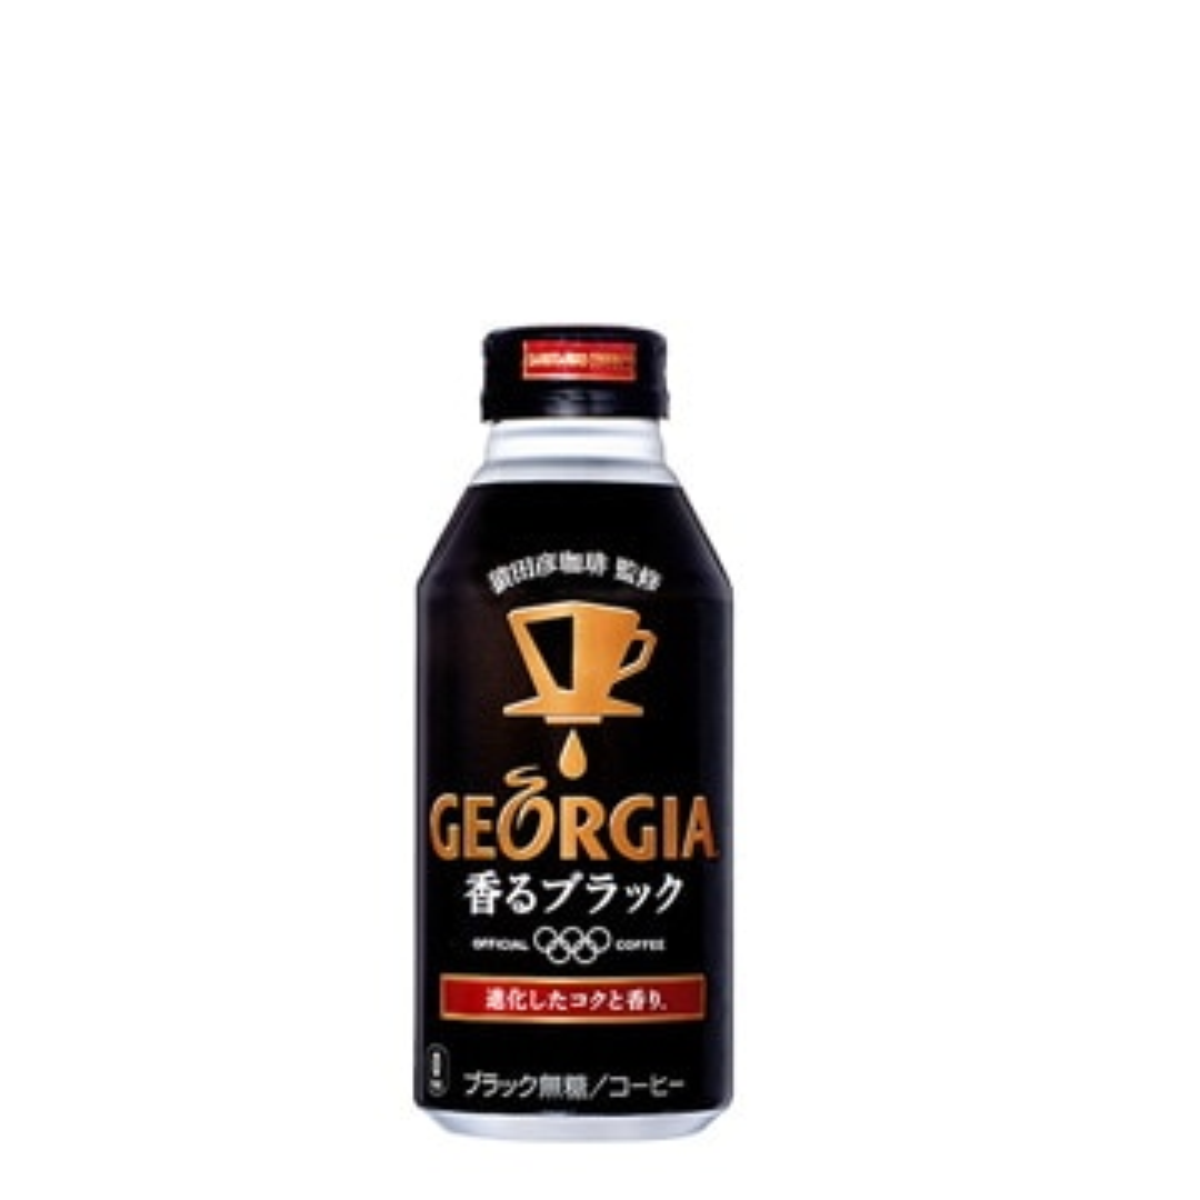 コカ・コーラボトラーズ ジョージア 香るブラック ボトル 400mL×96本 51840